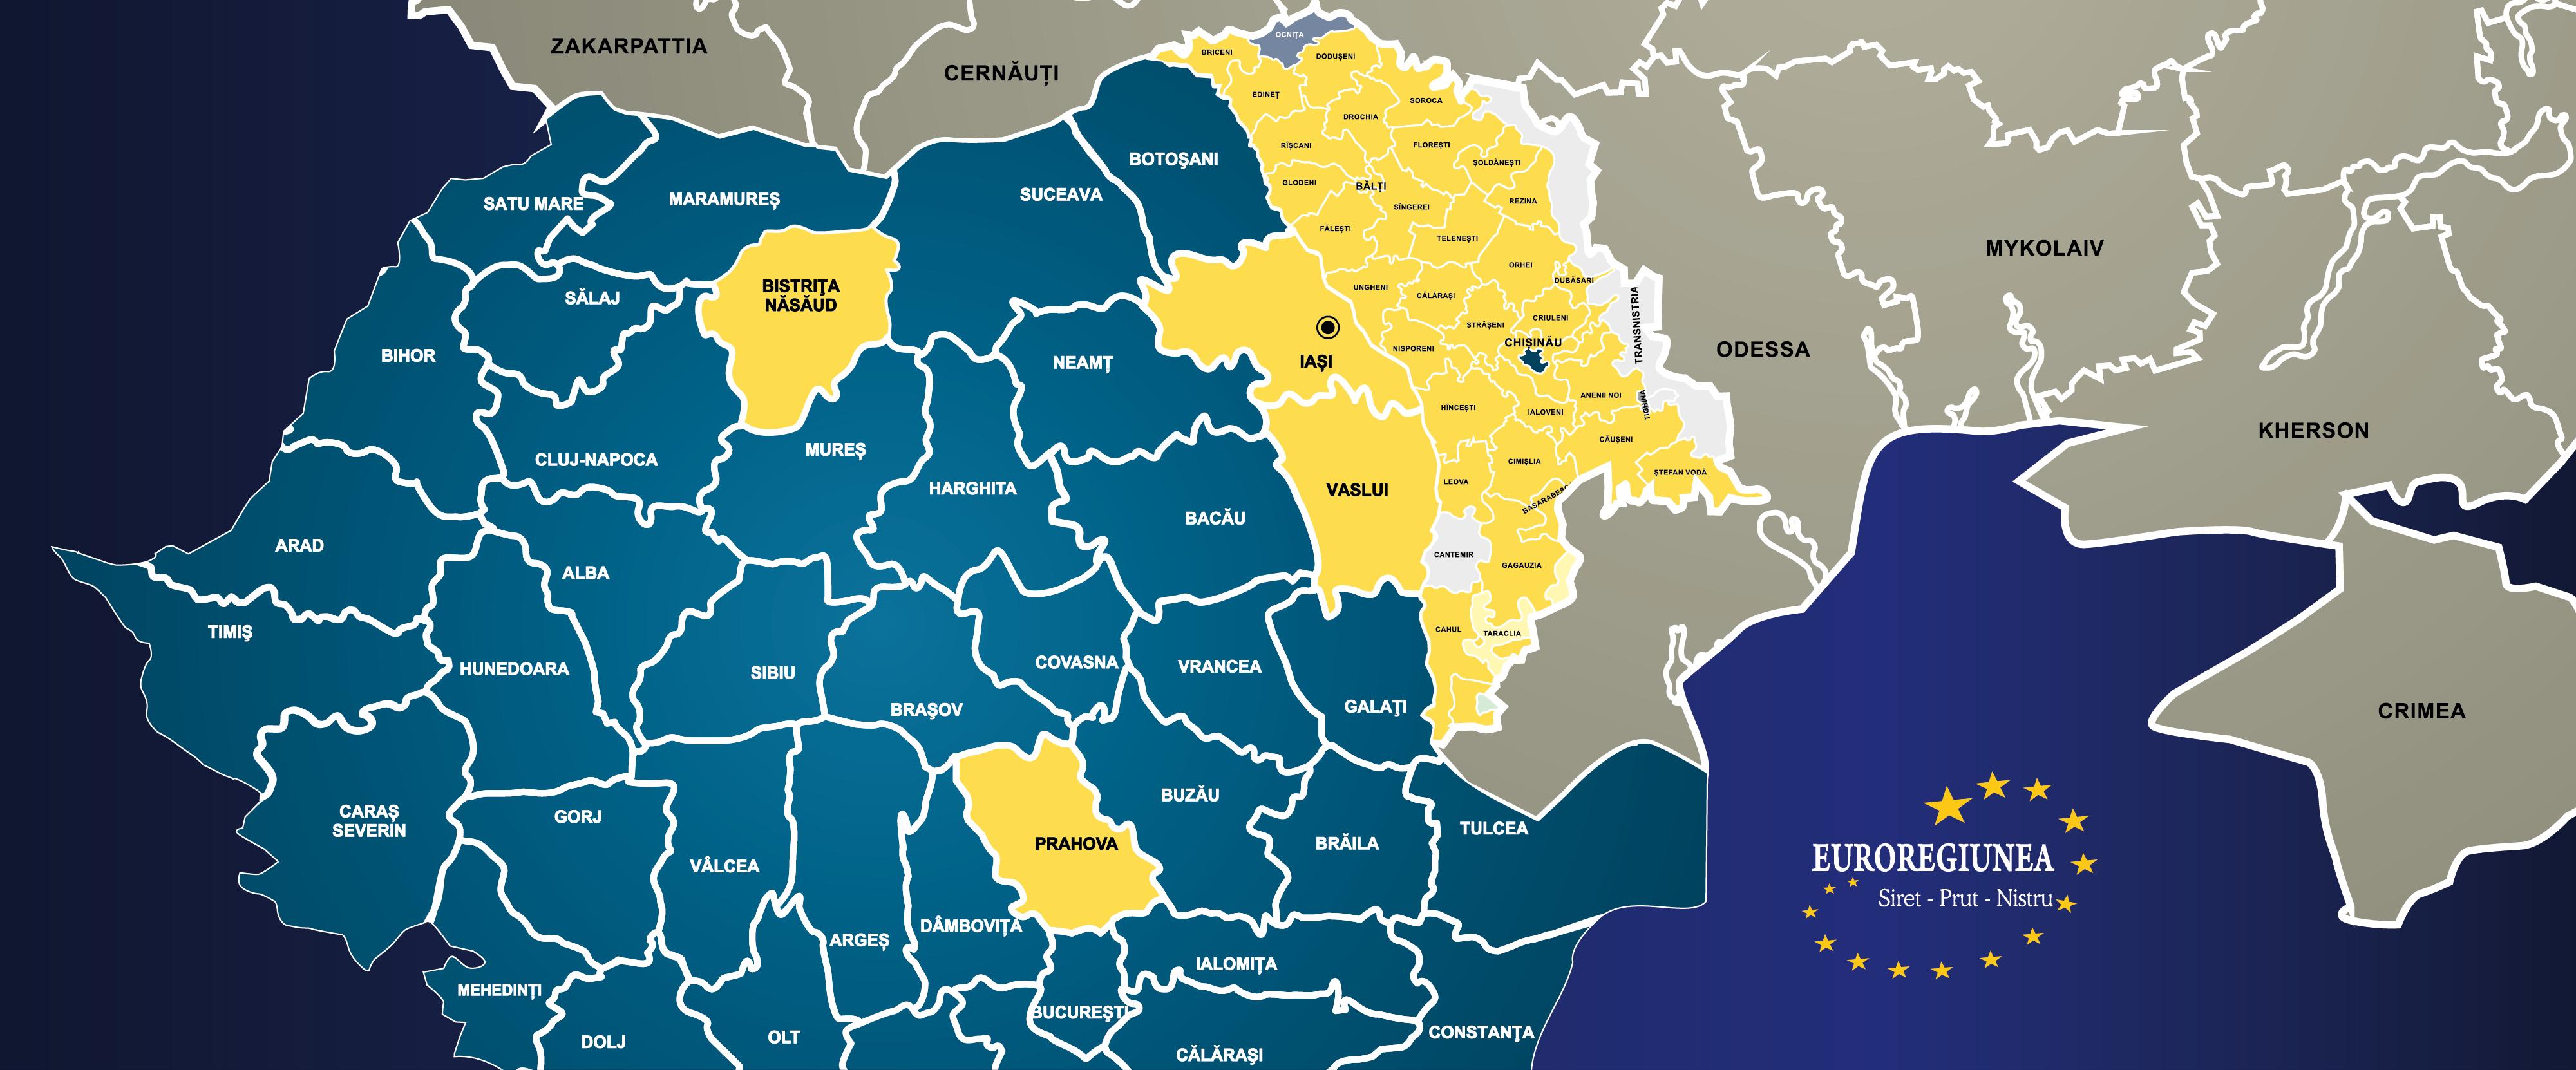 """<a class=""""amazingslider-posttitle-link"""" href=""""https://www.euroregiune.org/conferinta-stiintifica-internationala-dezvoltarea-economico-sociala-durabila-a-euroregiunilor-si-a-zonelor-transfrontaliere/"""" target=""""_self"""">Conferinţa Știinţifică Internaţională, 9 noiembrie, Iași</a>"""